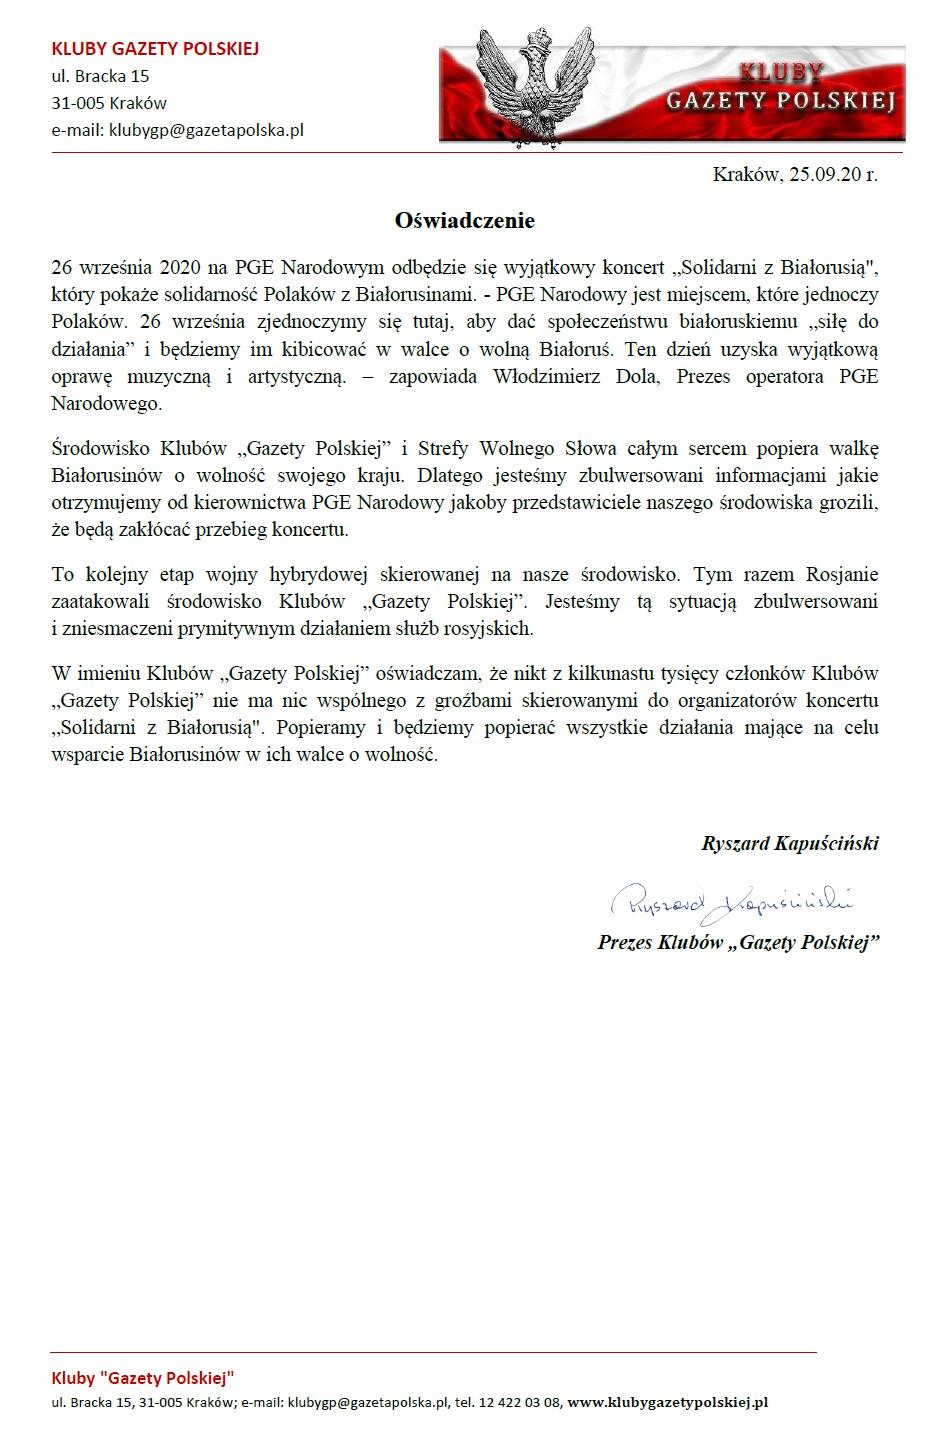 Oswiadczenie-solidarni z bialorusia